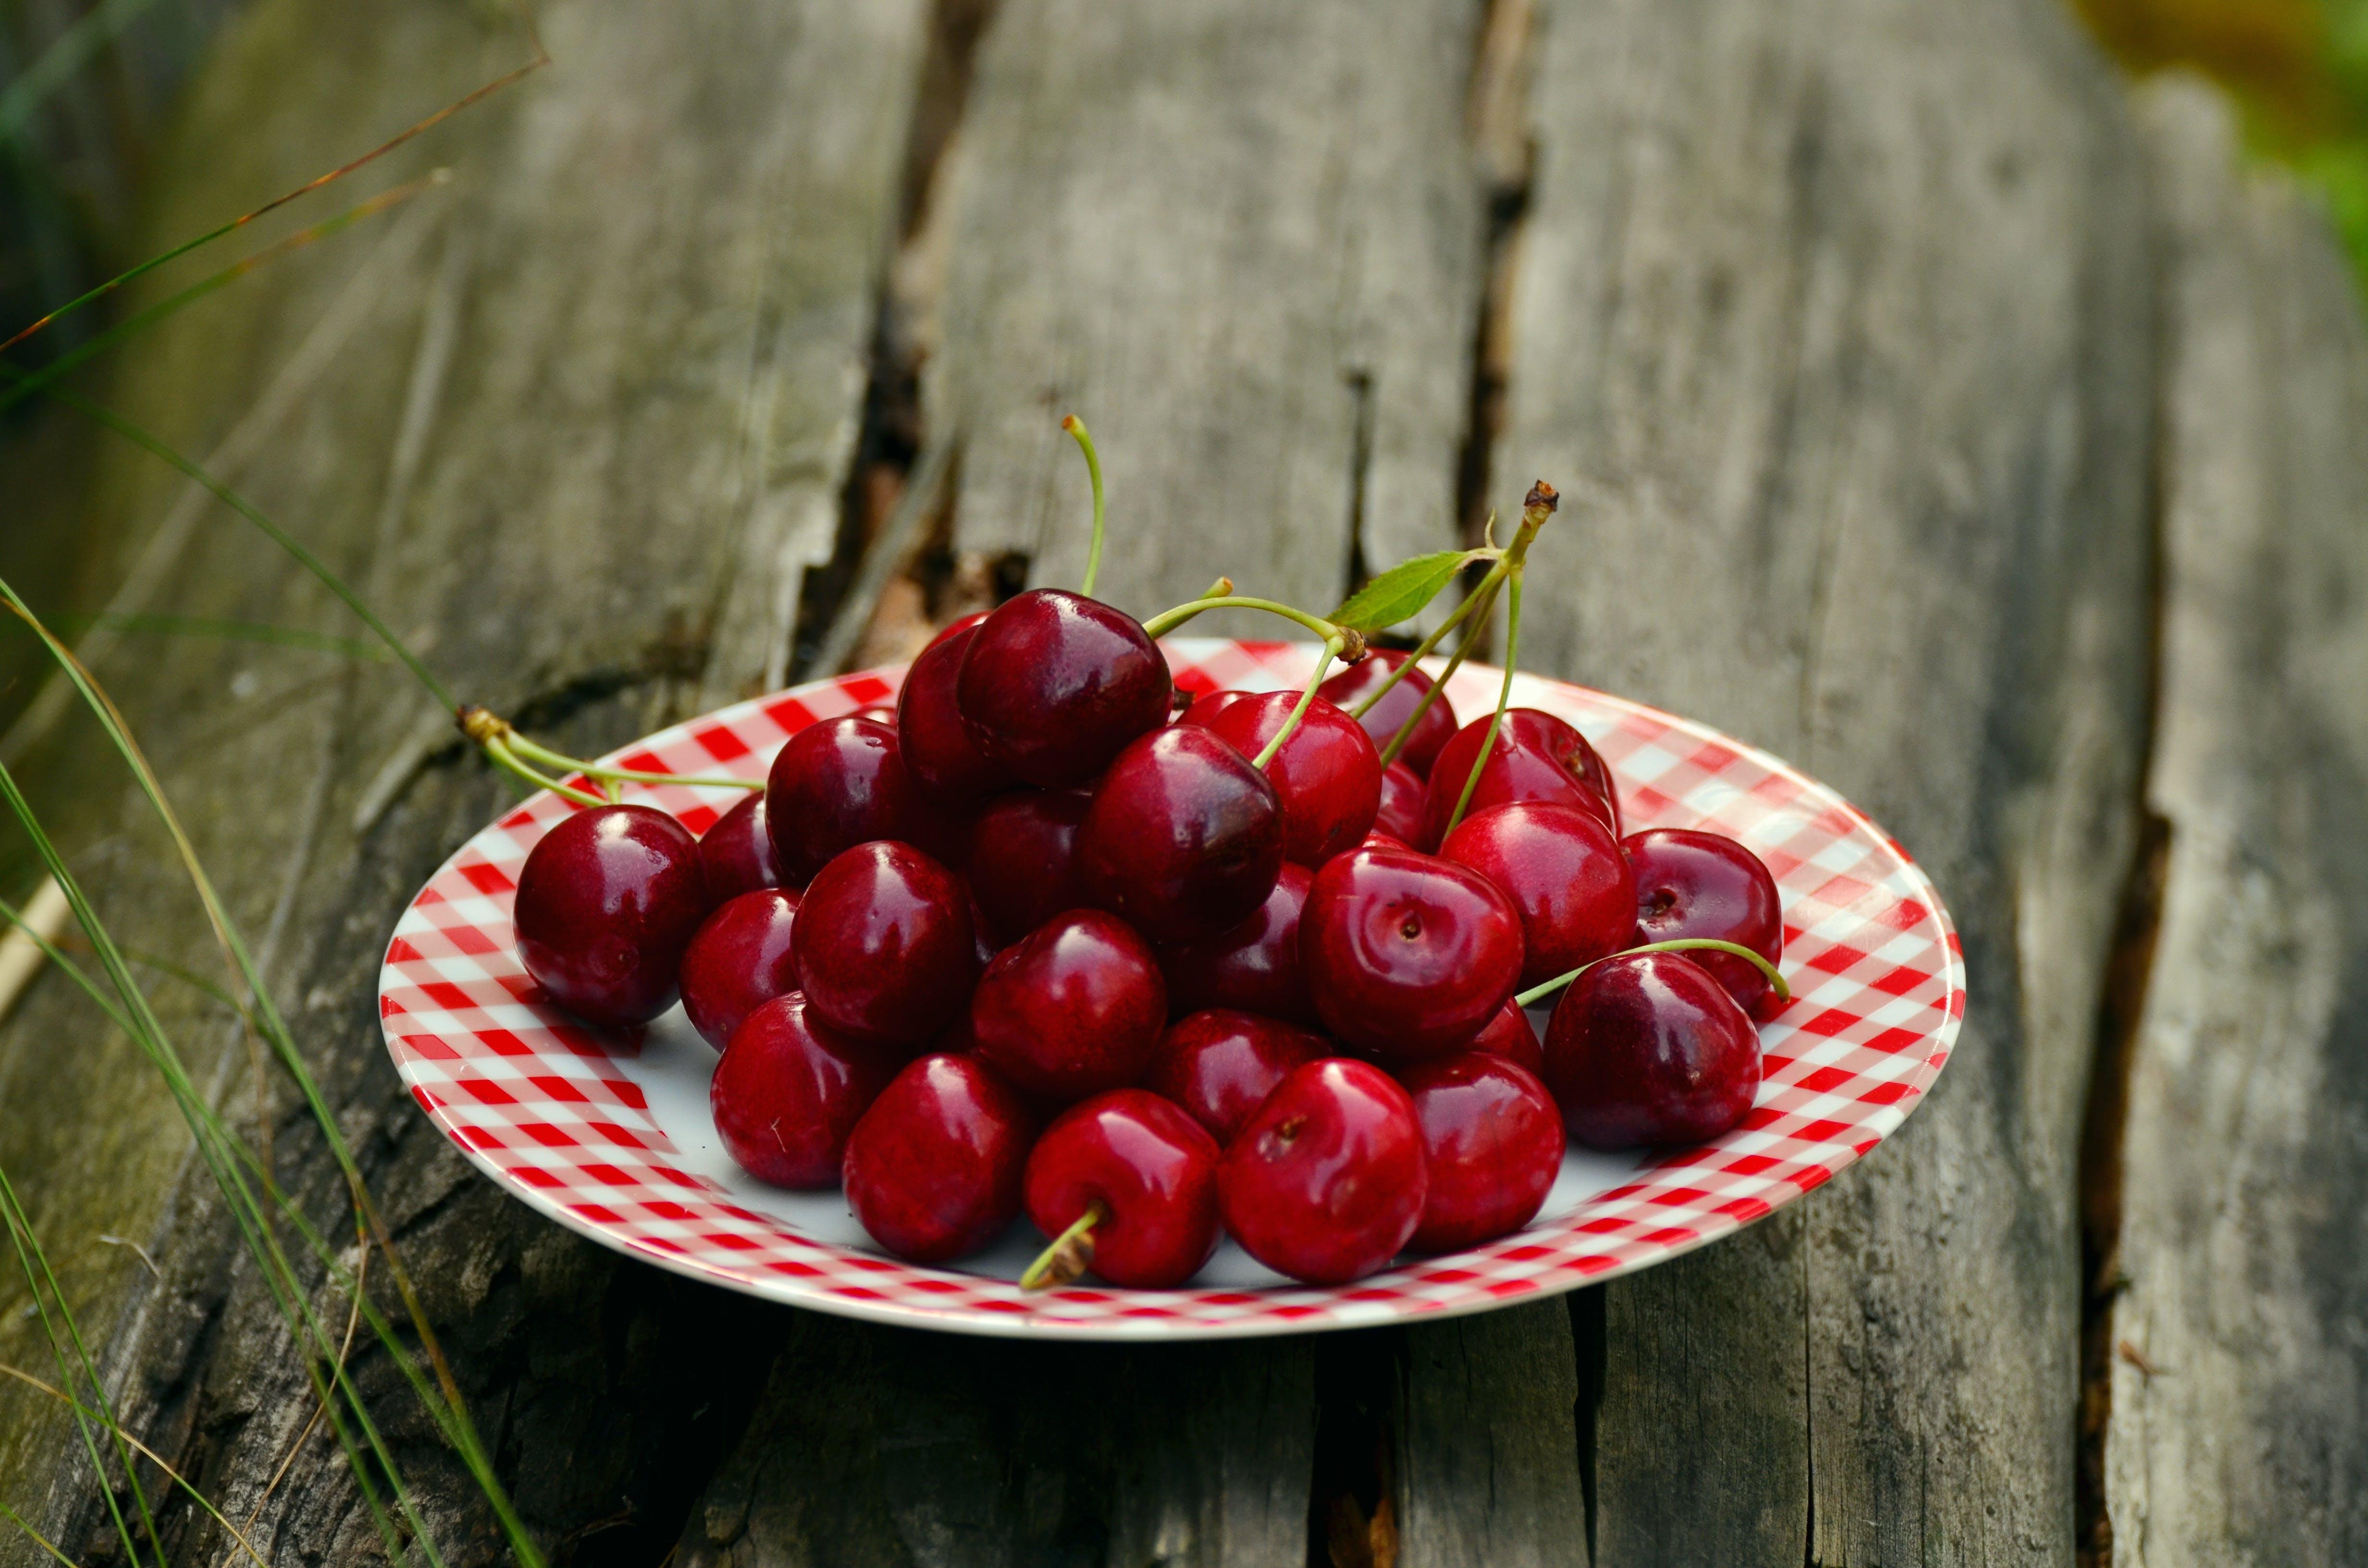 건강한, 과일, 나무, 달콤한 체리의 무료 스톡 사진